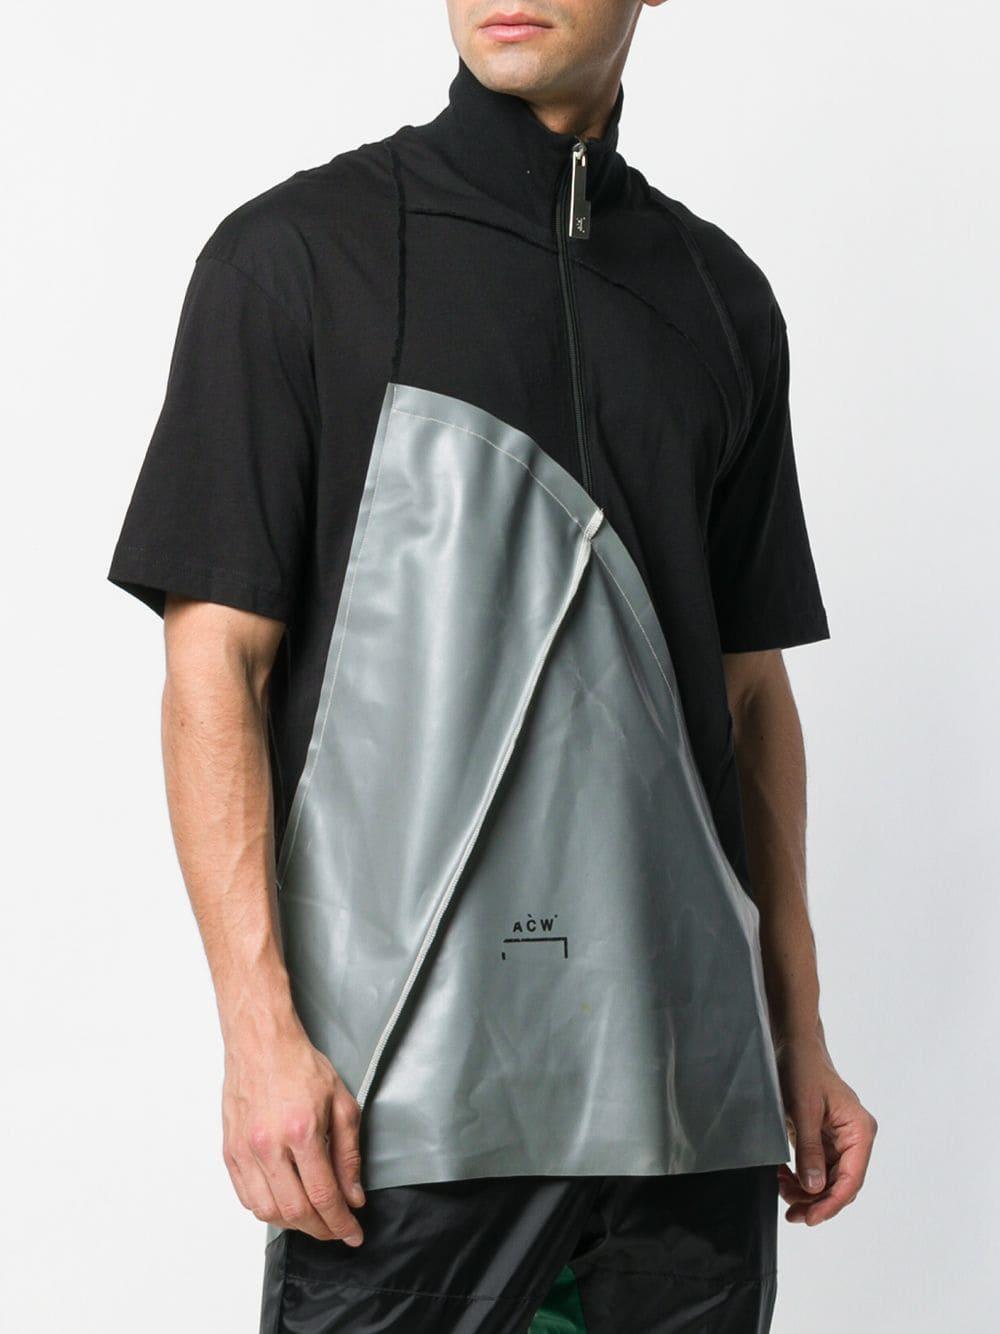 A_COLD_WALL* Katoen Sweater Met Halve Rits in het Zwart voor heren